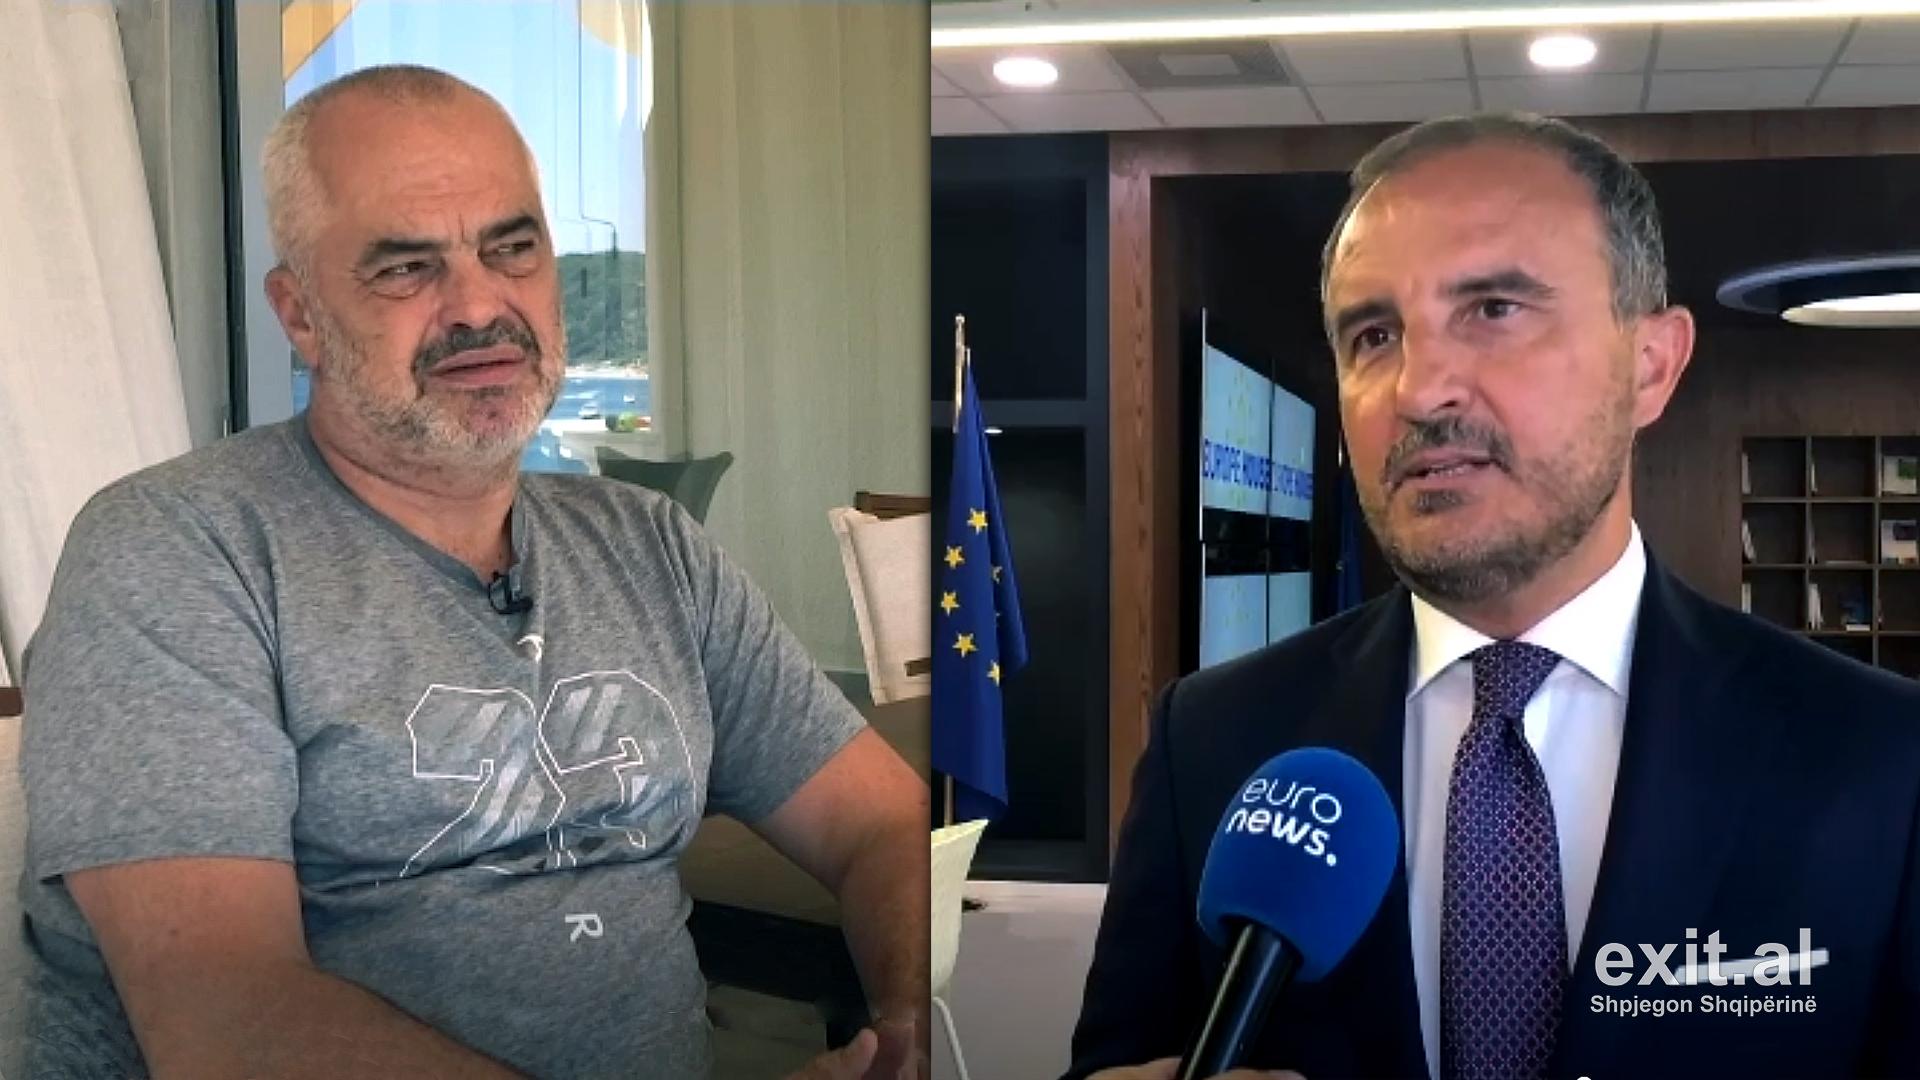 Rama dhe Soreca pranojnë indirekt se Shqipërisë nuk do t'i hapen negociatat